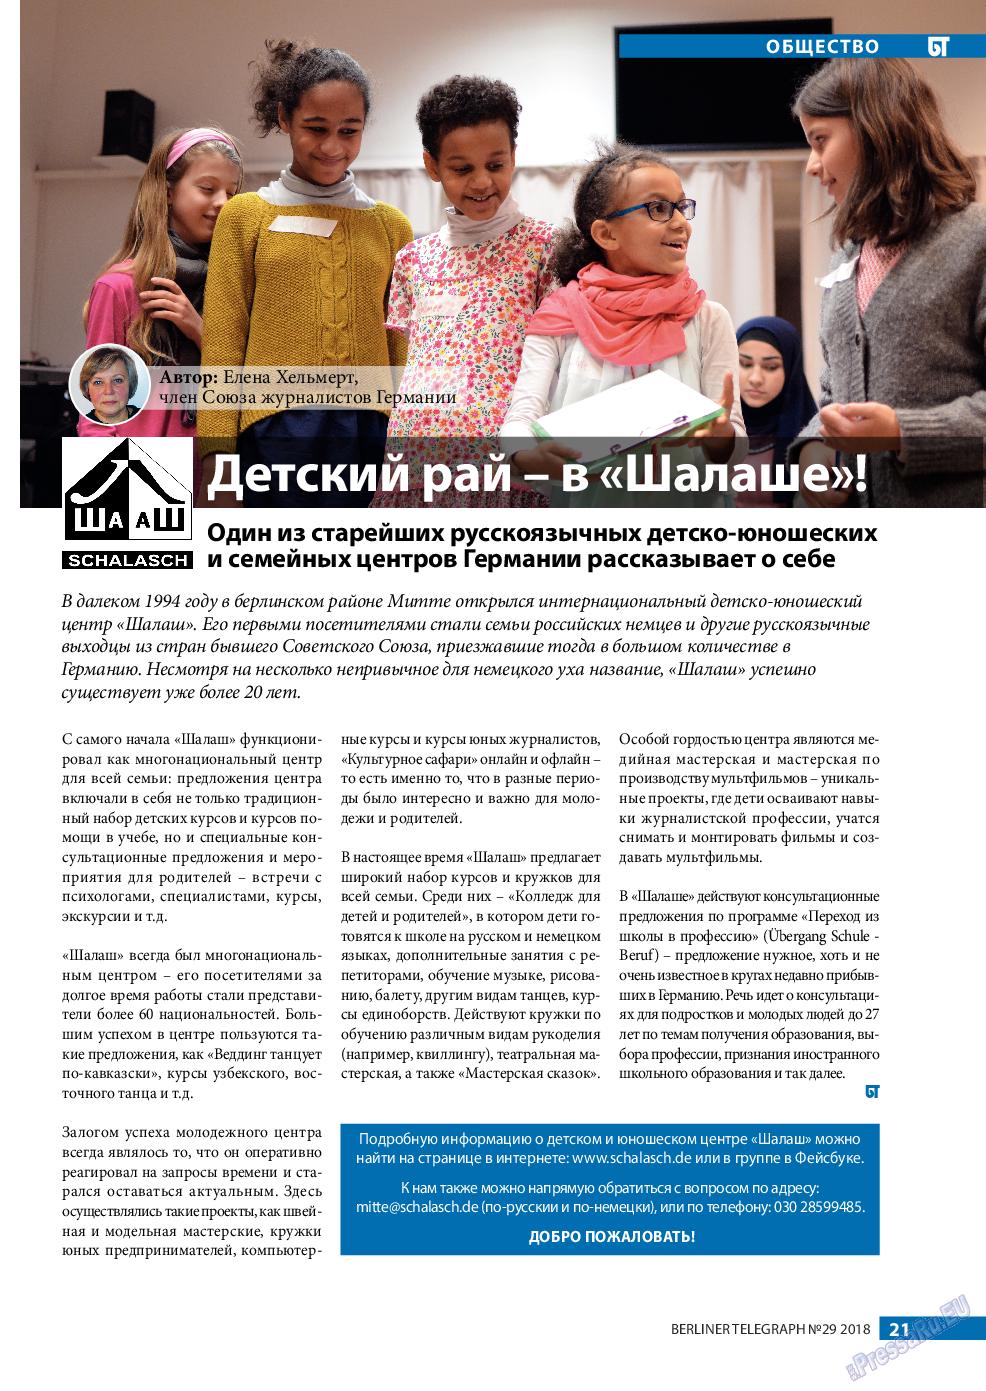 Берлинский телеграф (журнал). 2018 год, номер 29, стр. 21